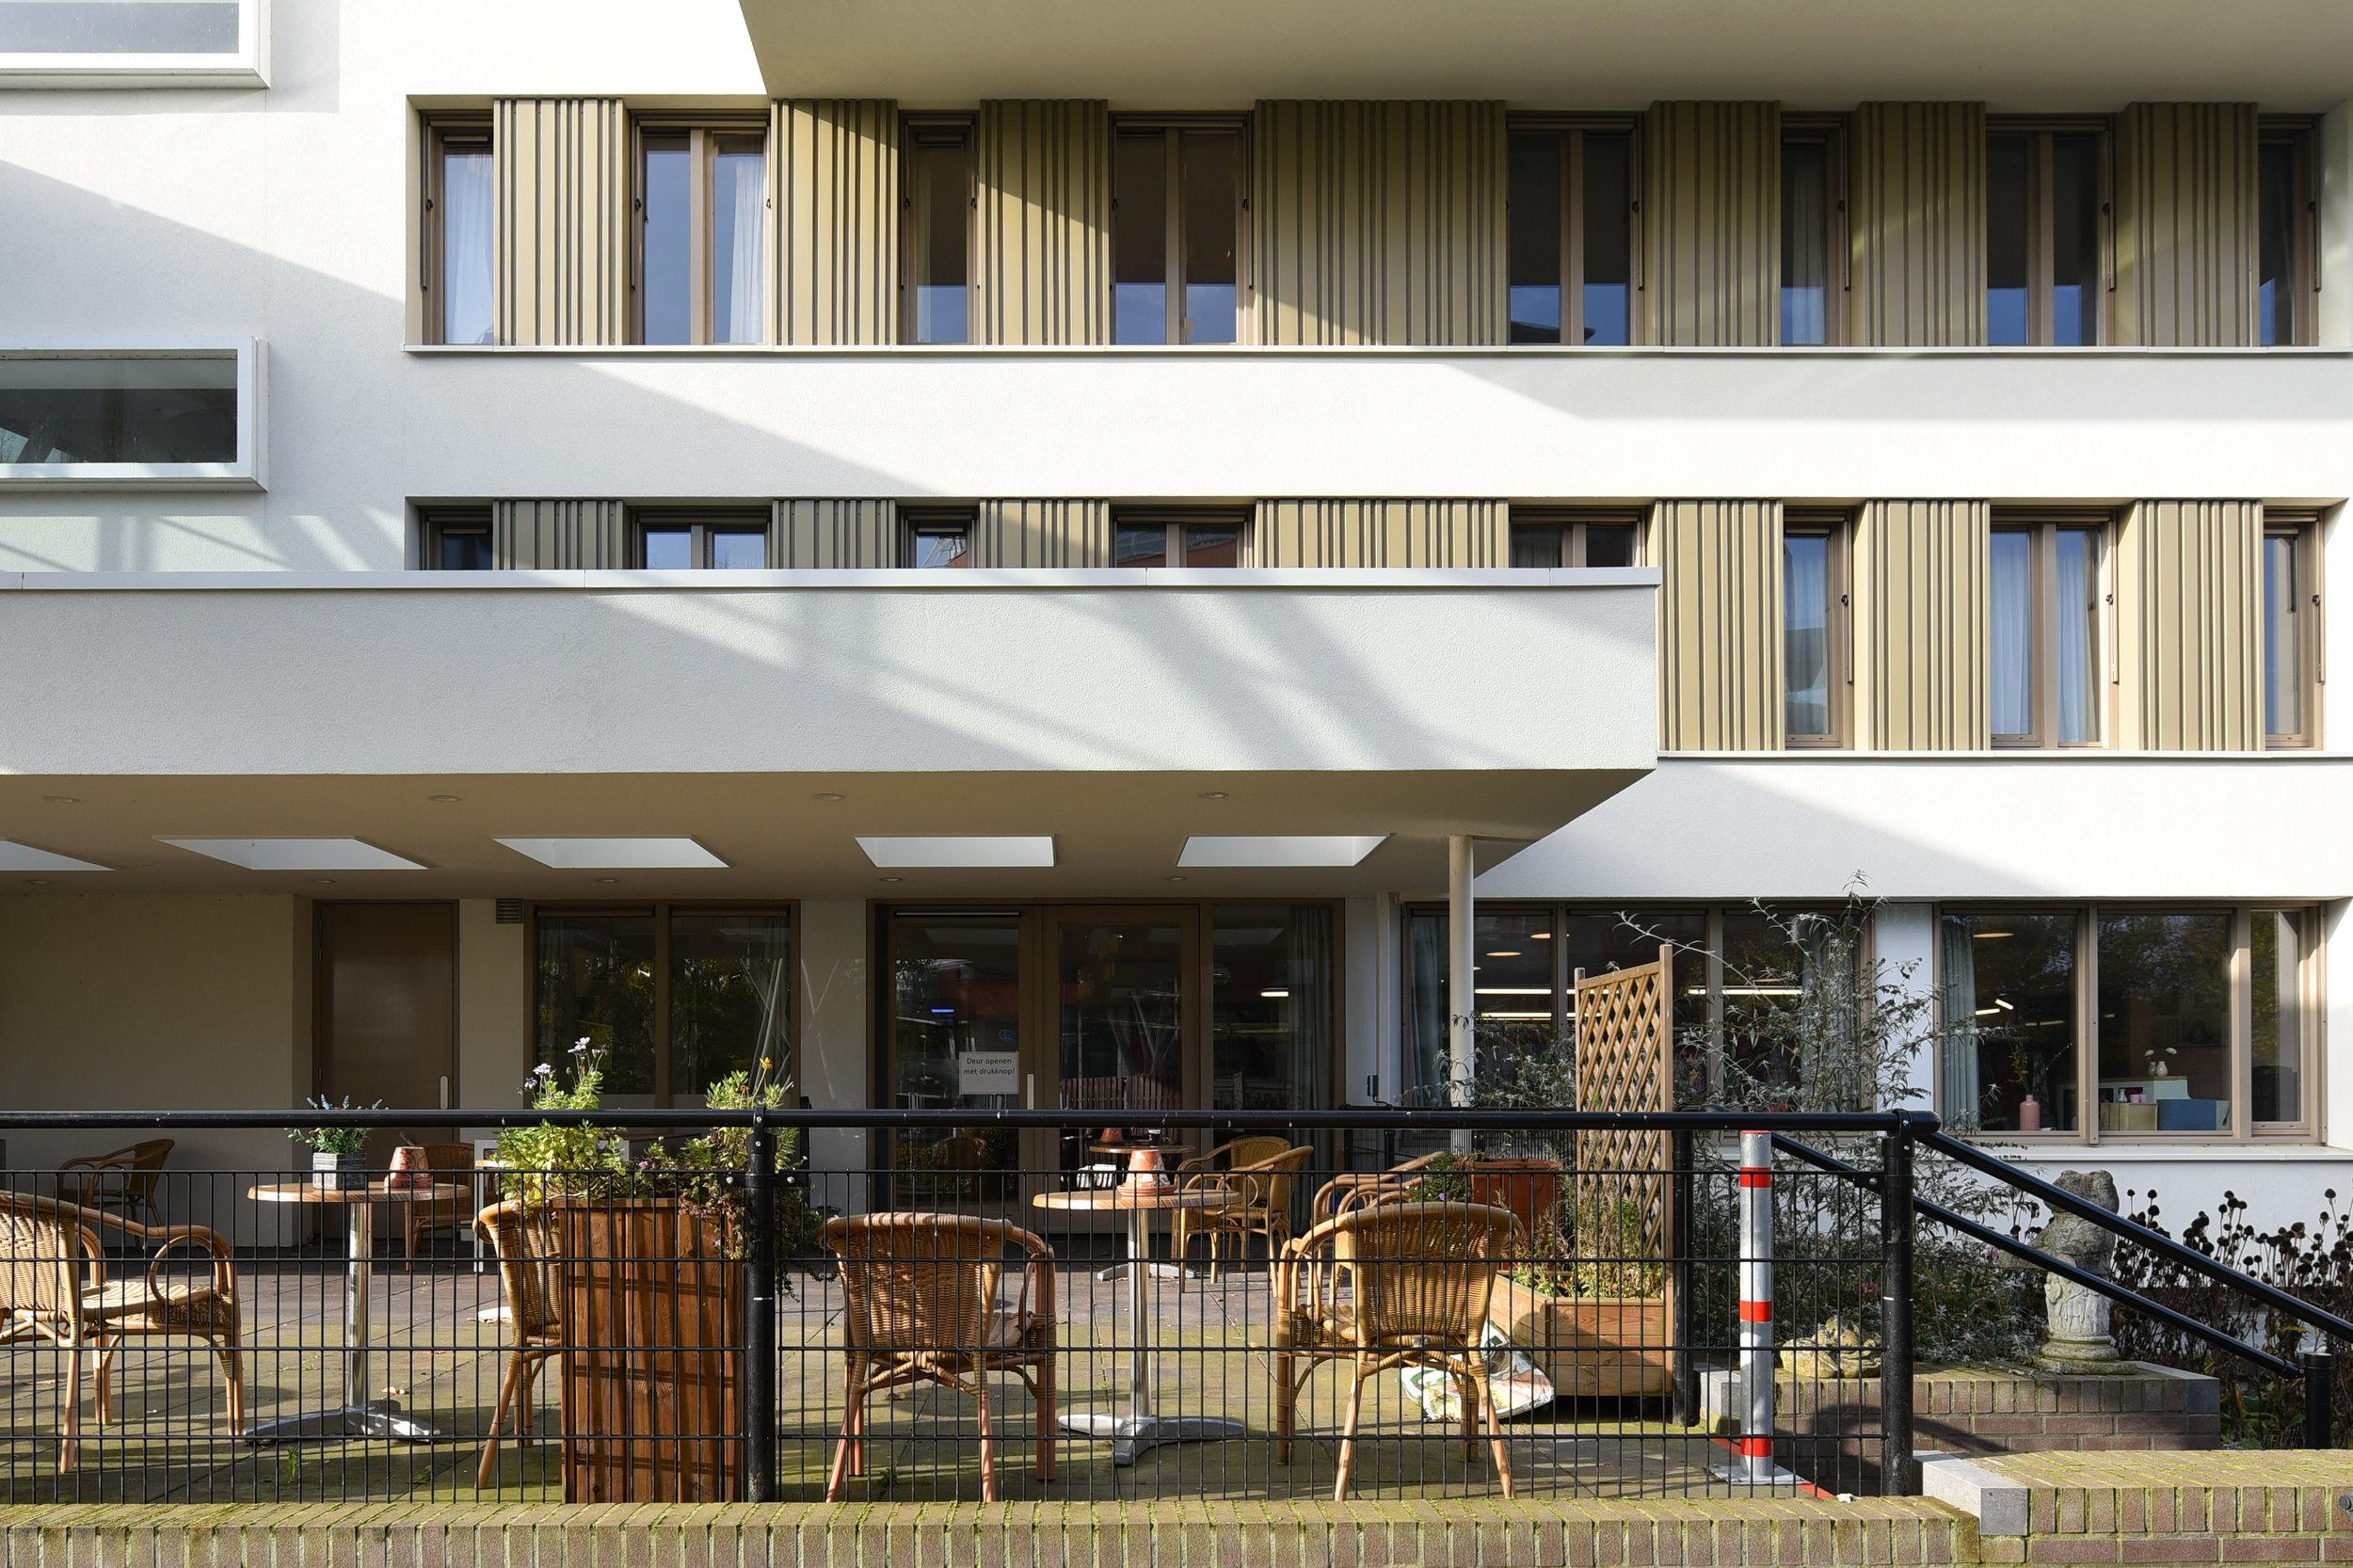 Kerkelanden_architectuur_BFAS_zorg_gevel_design (6).JPG